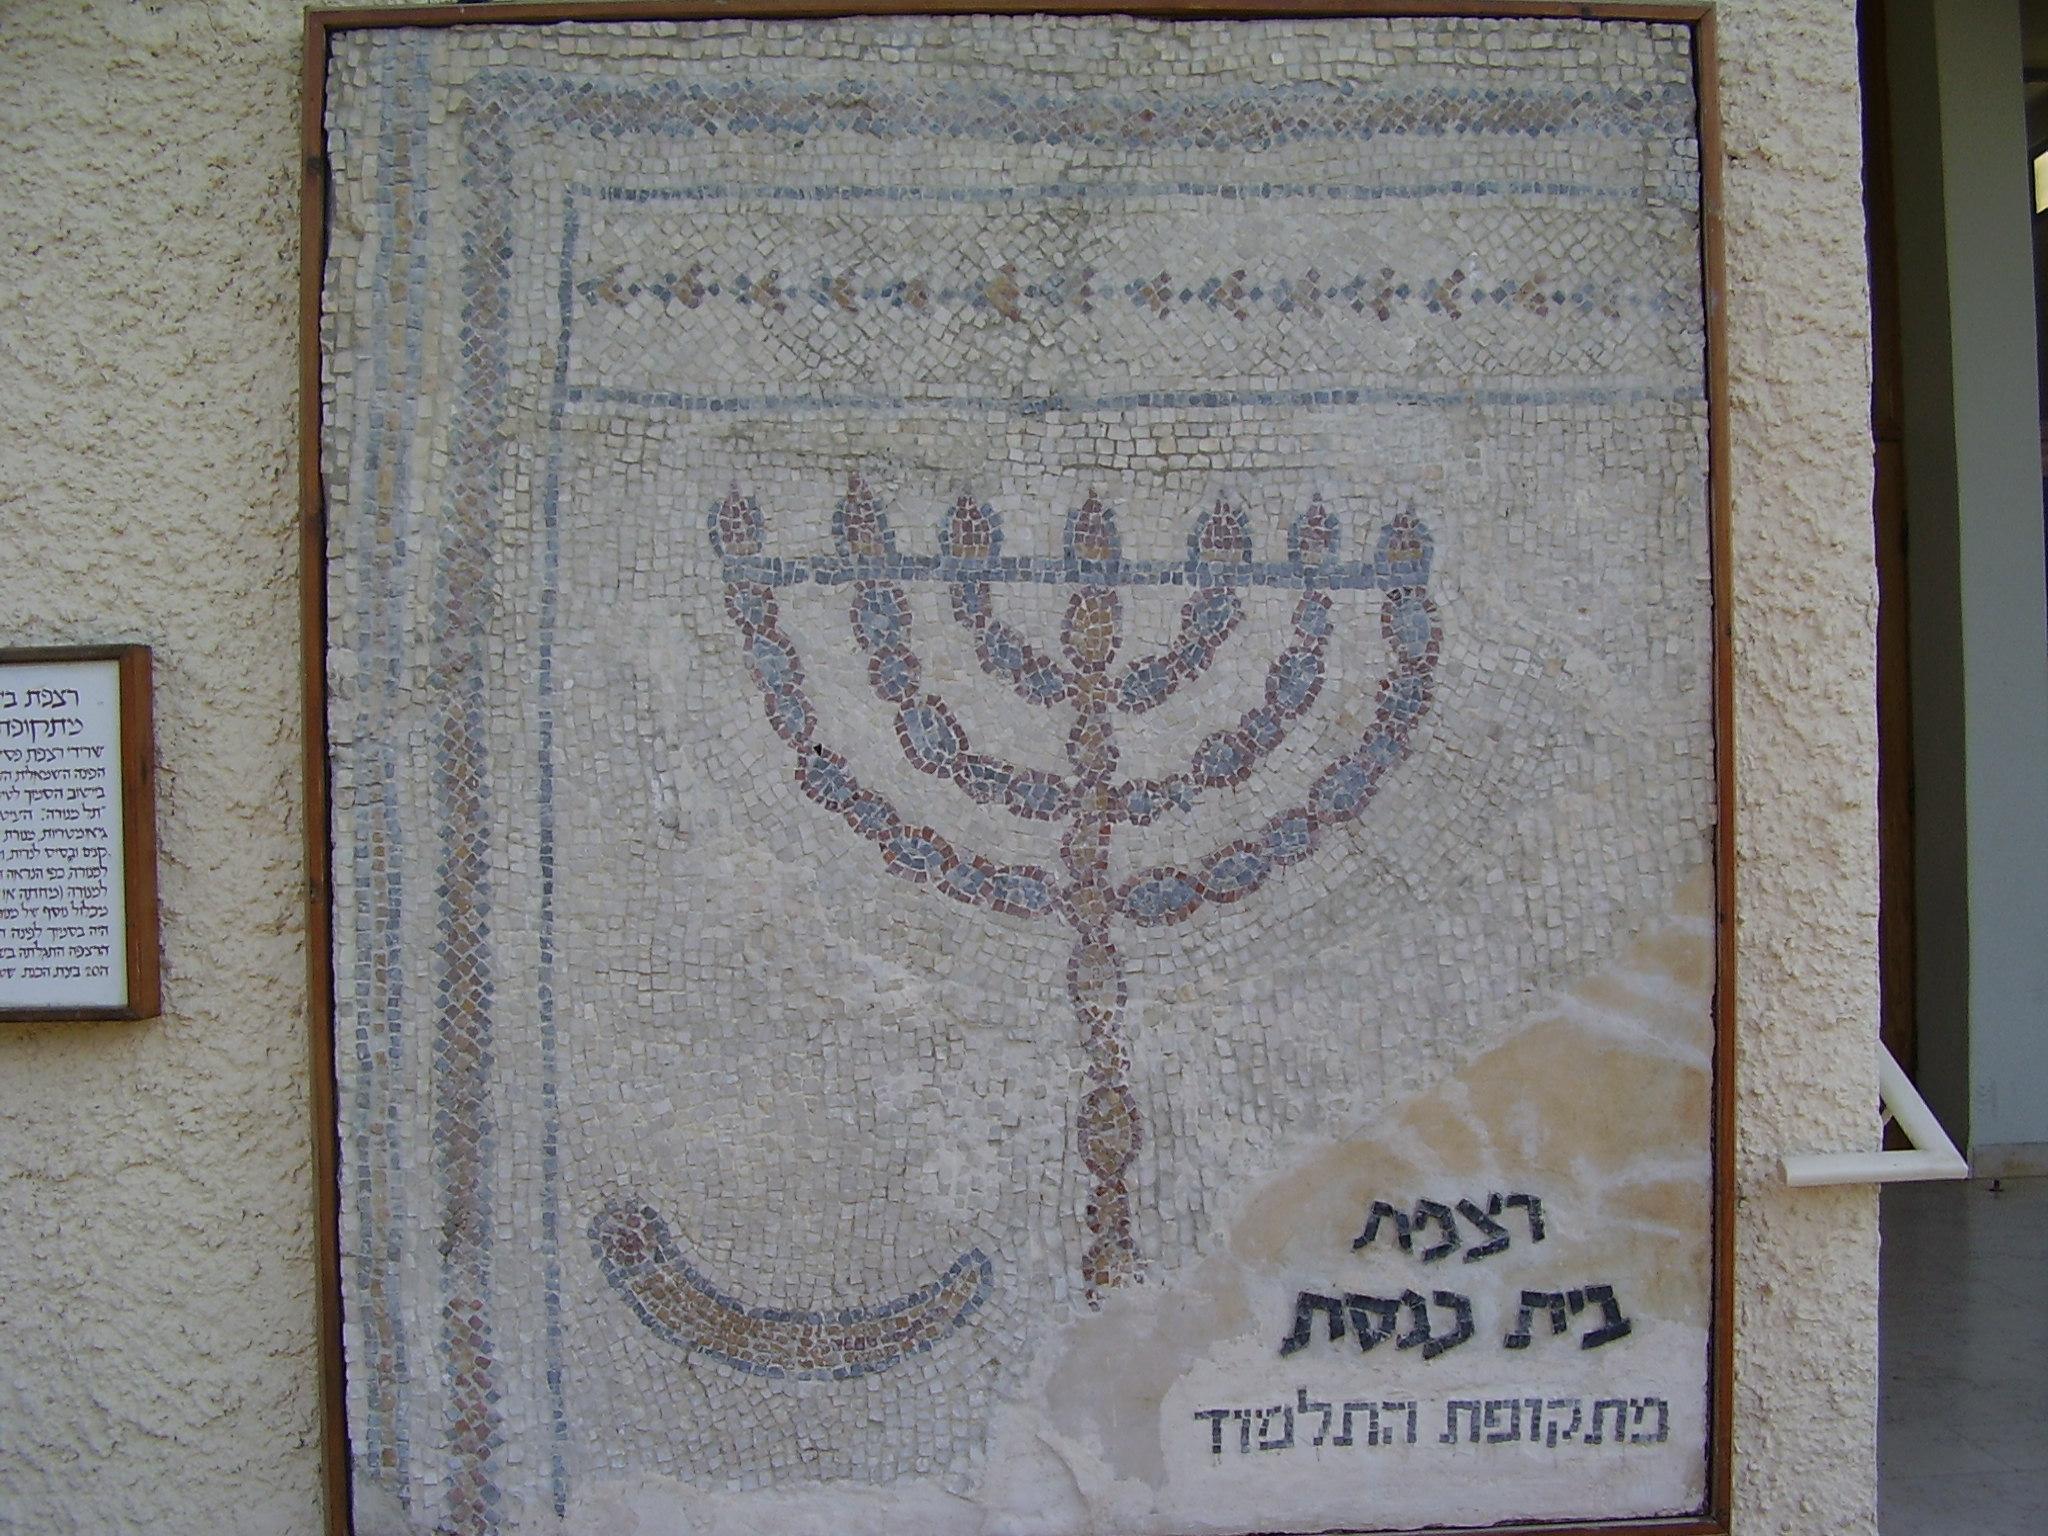 רצפת הפסיפס מבית הכנסת העתיק בתל מנורה יוצר: dr. avishai teicher